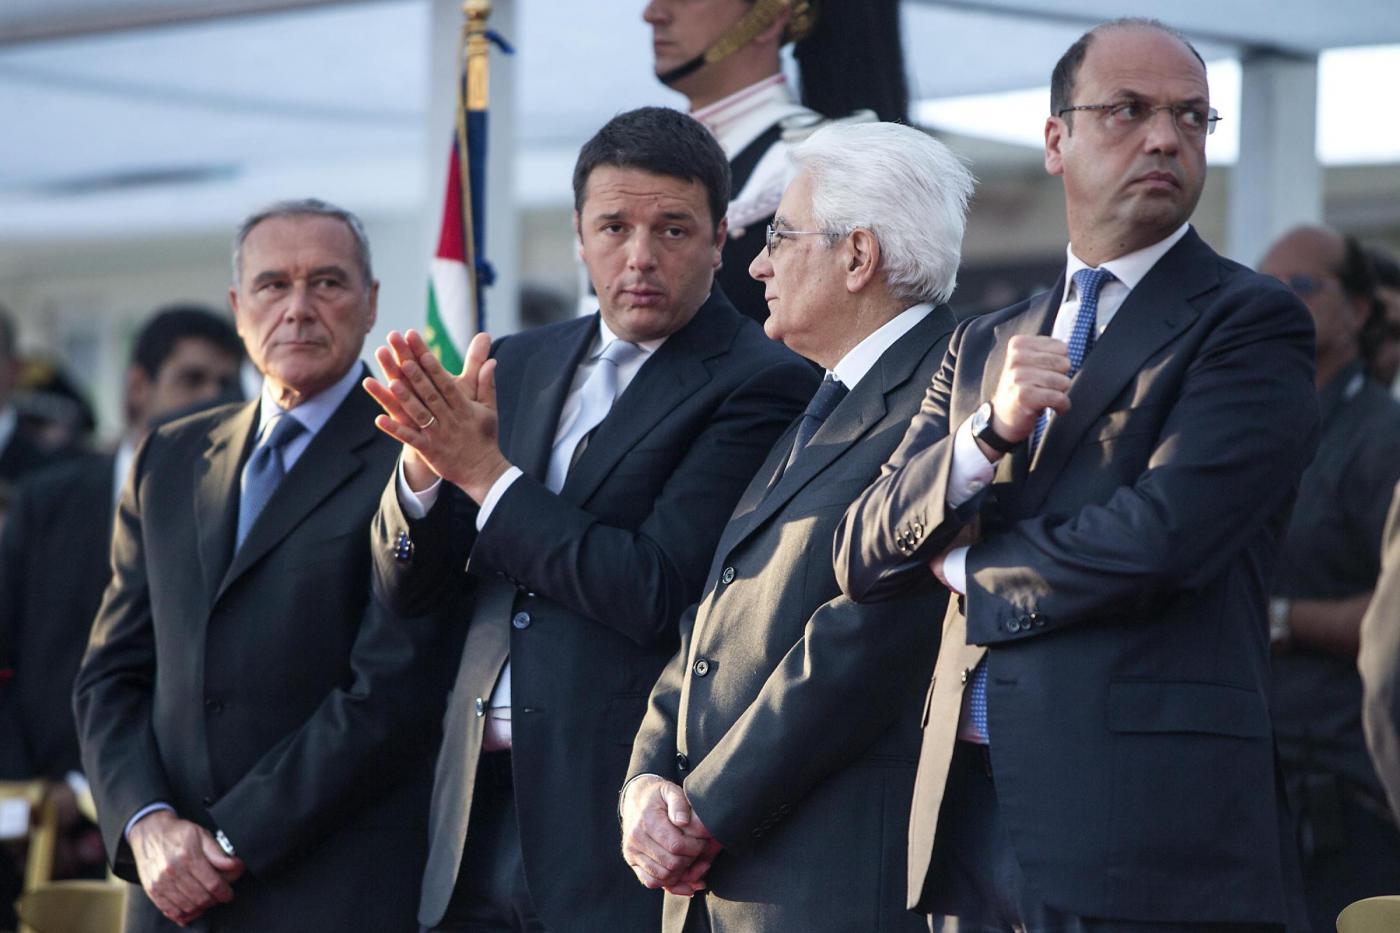 Sergio Mattarella al fianco di Matteo Renzi. Foto di Roberto Monaldo da archvio LaPresse